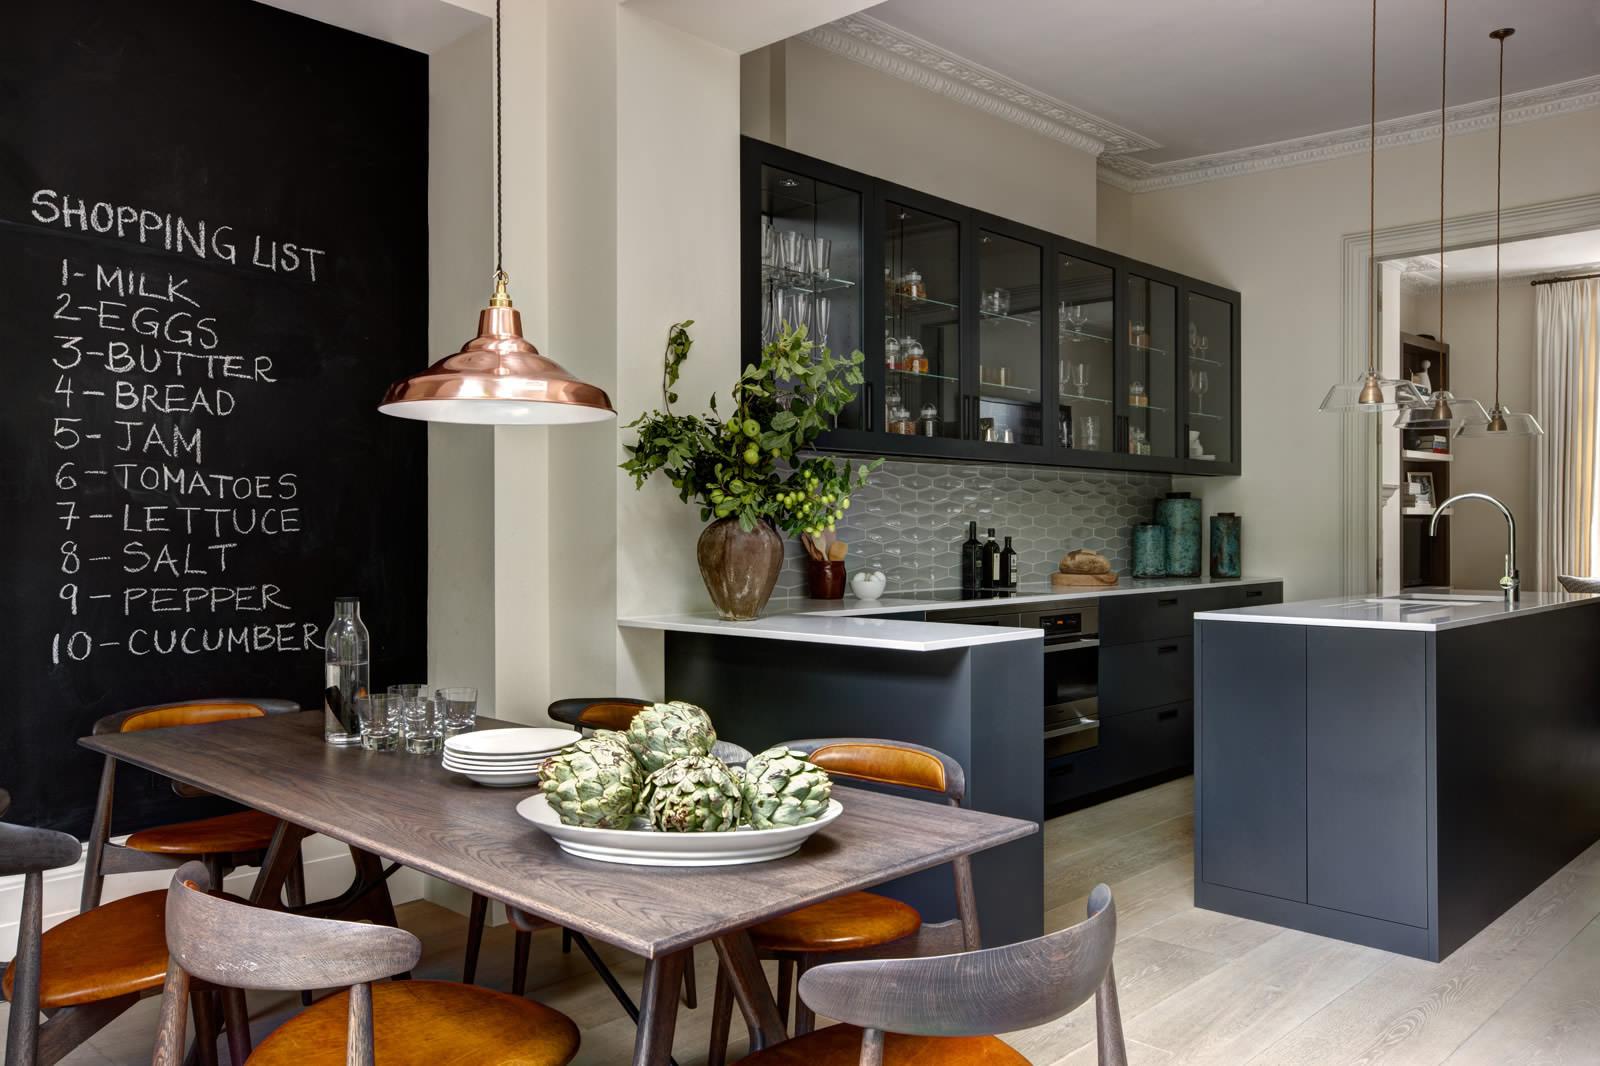 фото видео кухня в стиле французского кафе фото папарацци